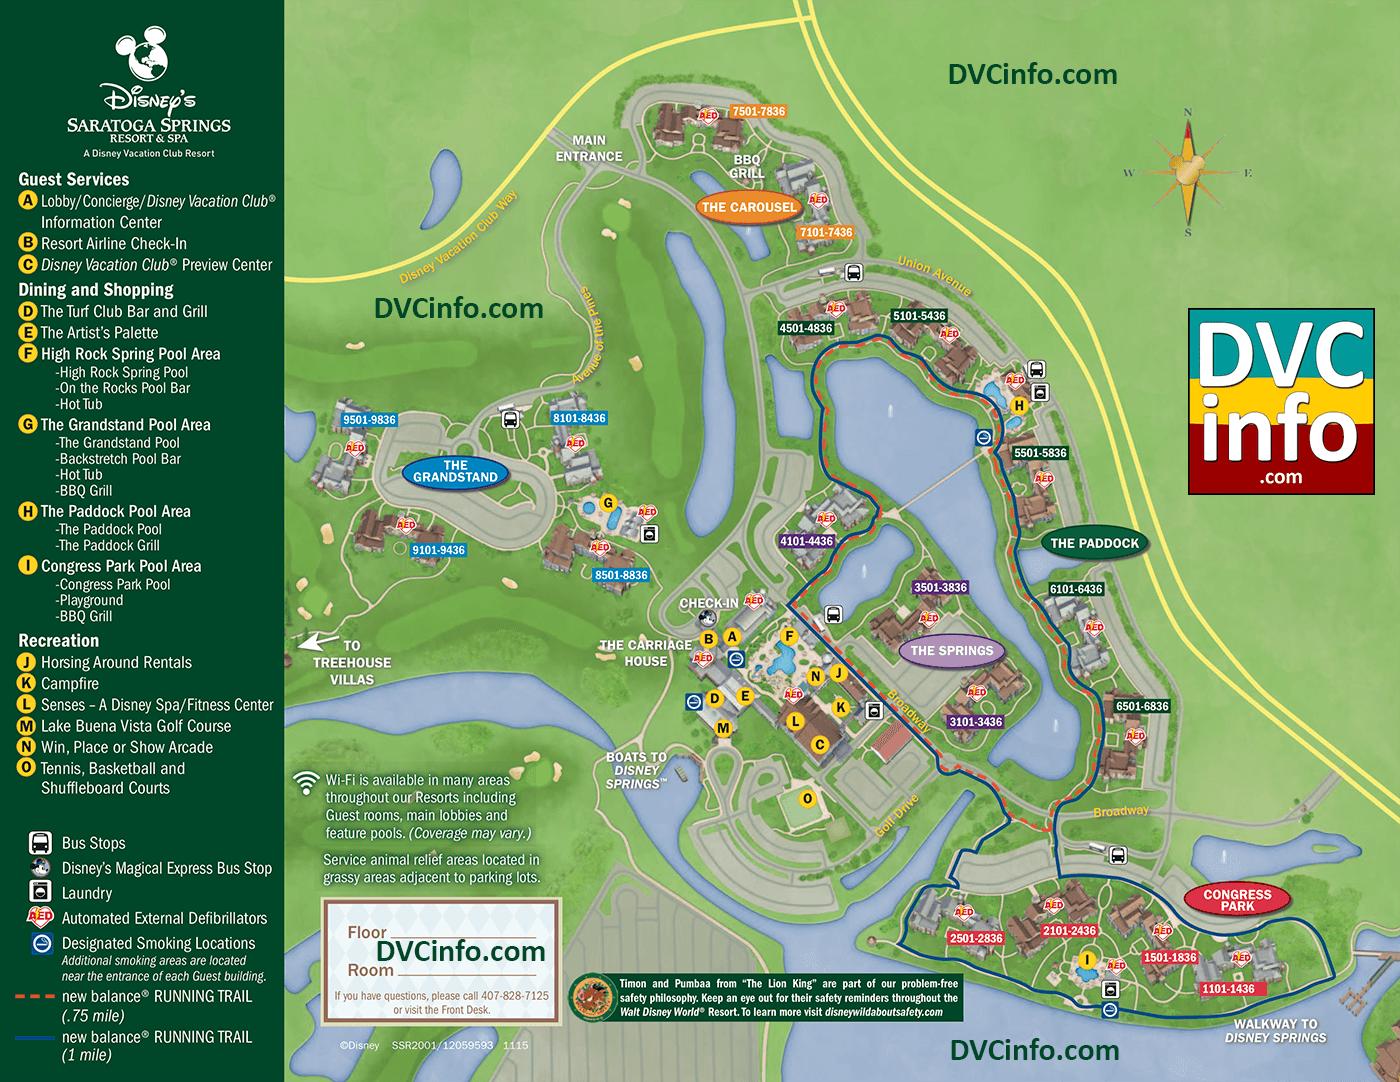 Disney Saratoga Springs Map Disney's Saratoga Springs Resort & Spa   DVCinfo